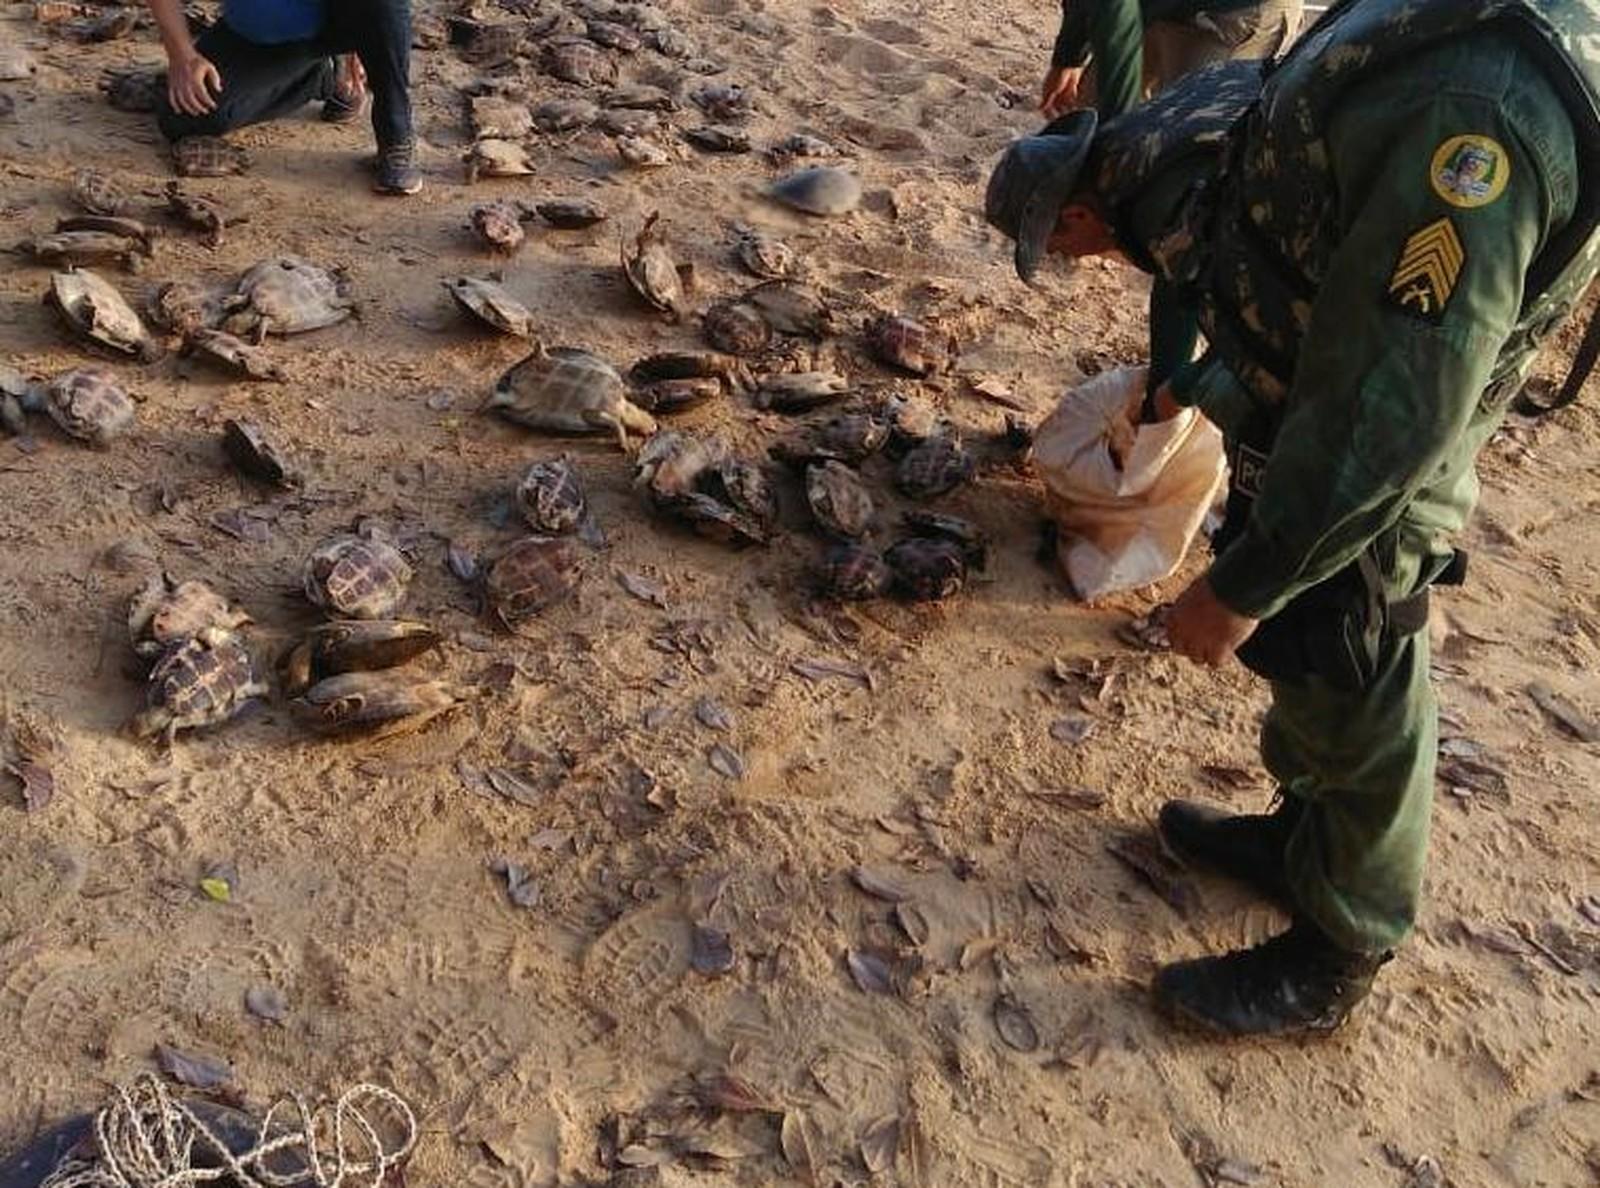 Mais de 120 tartarugas capturadas ilegalmente são resgatadas no rio Araguaia